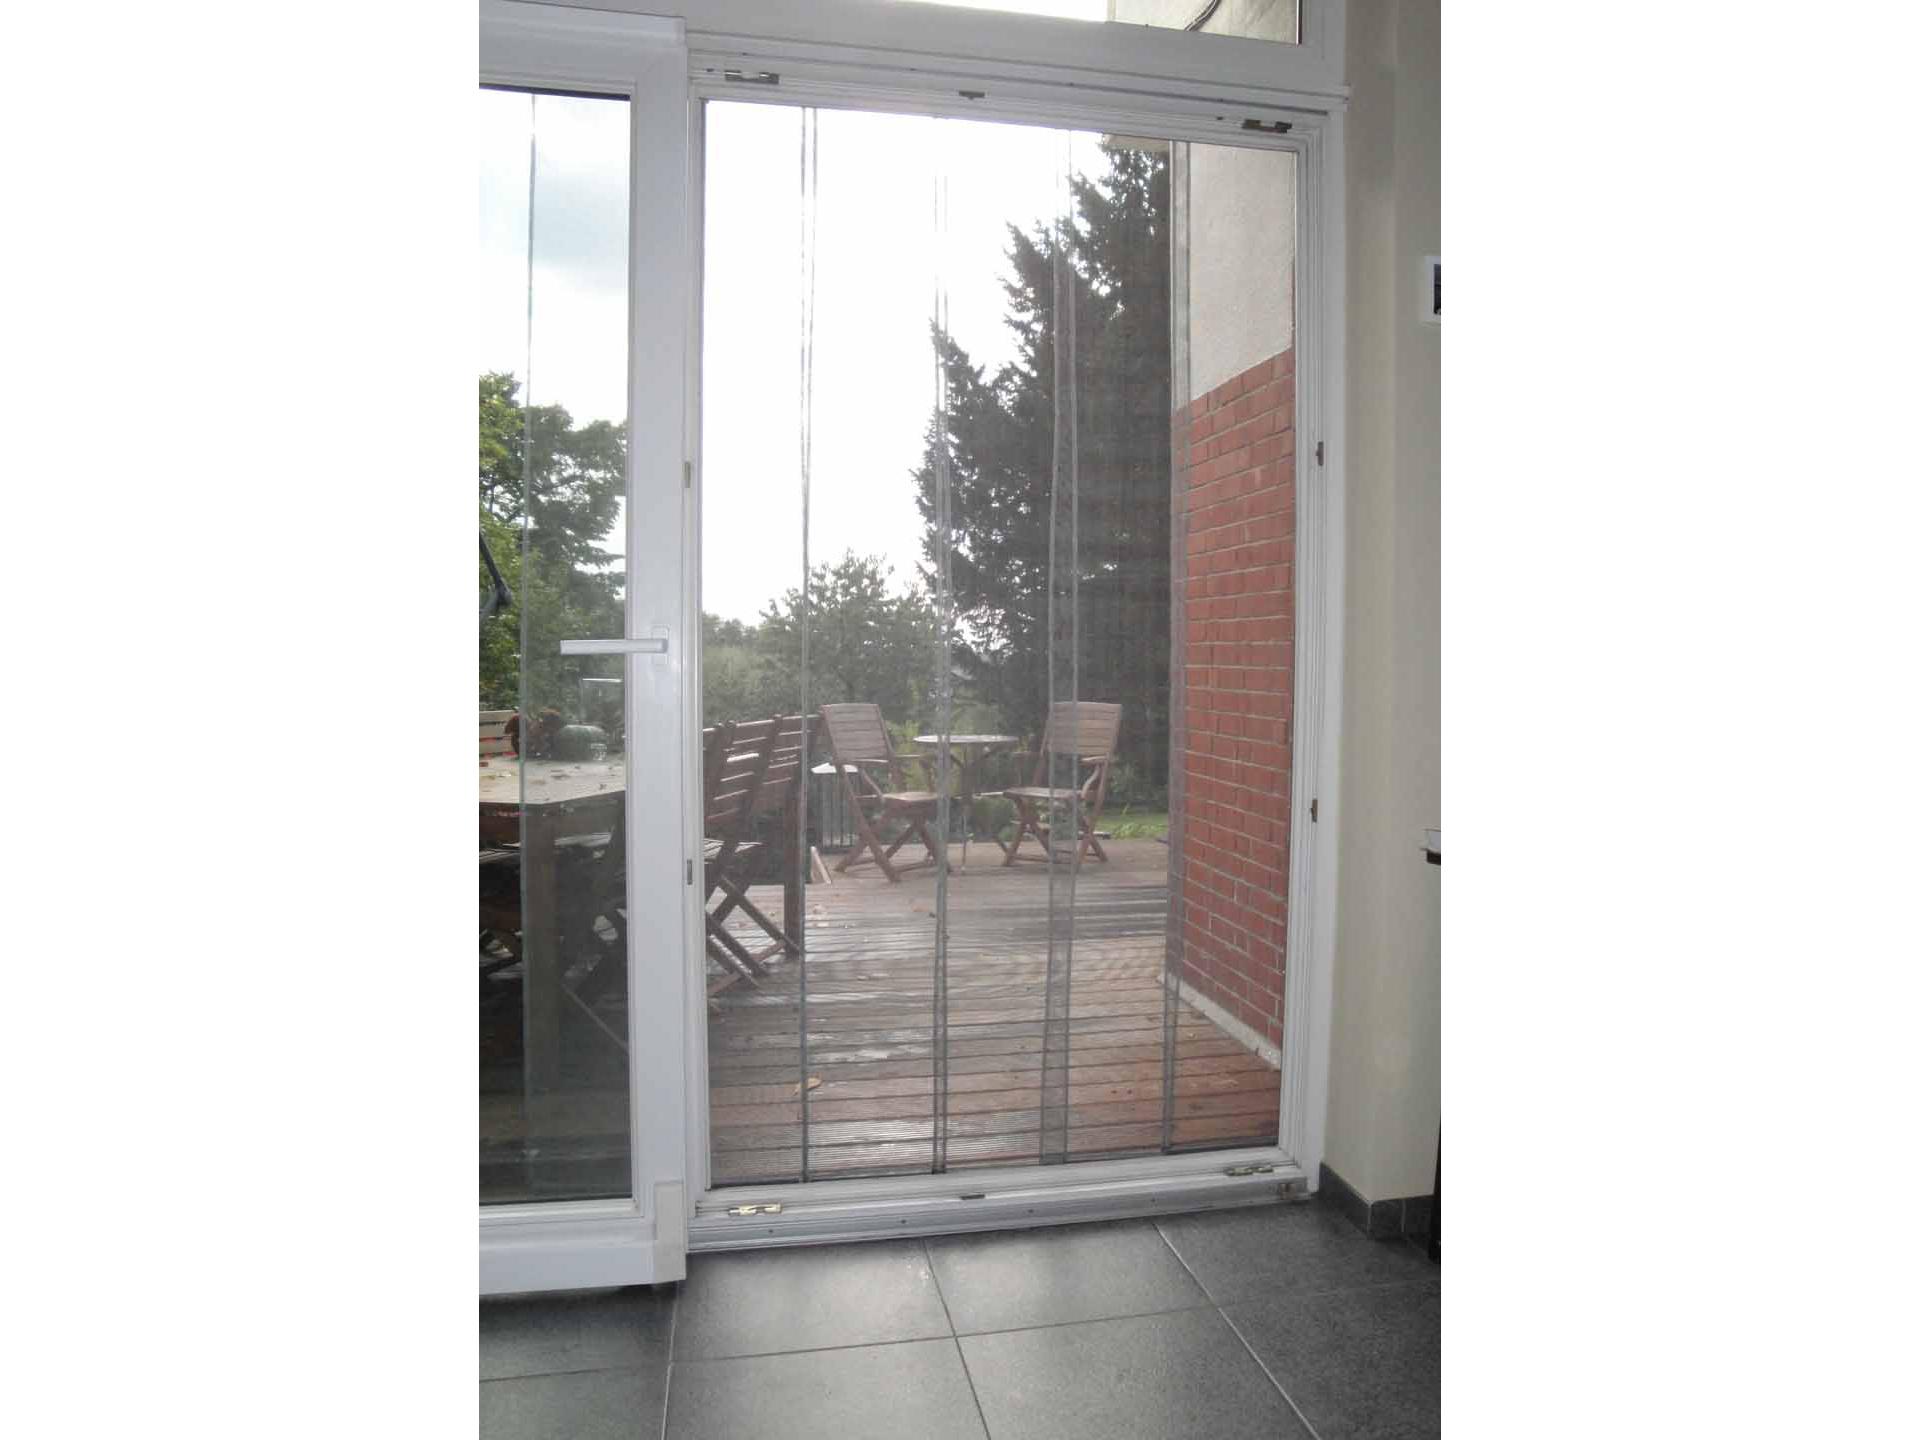 Wonerful porte moustiquaire aluminium depictions - Moustiquaire baie vitree ...